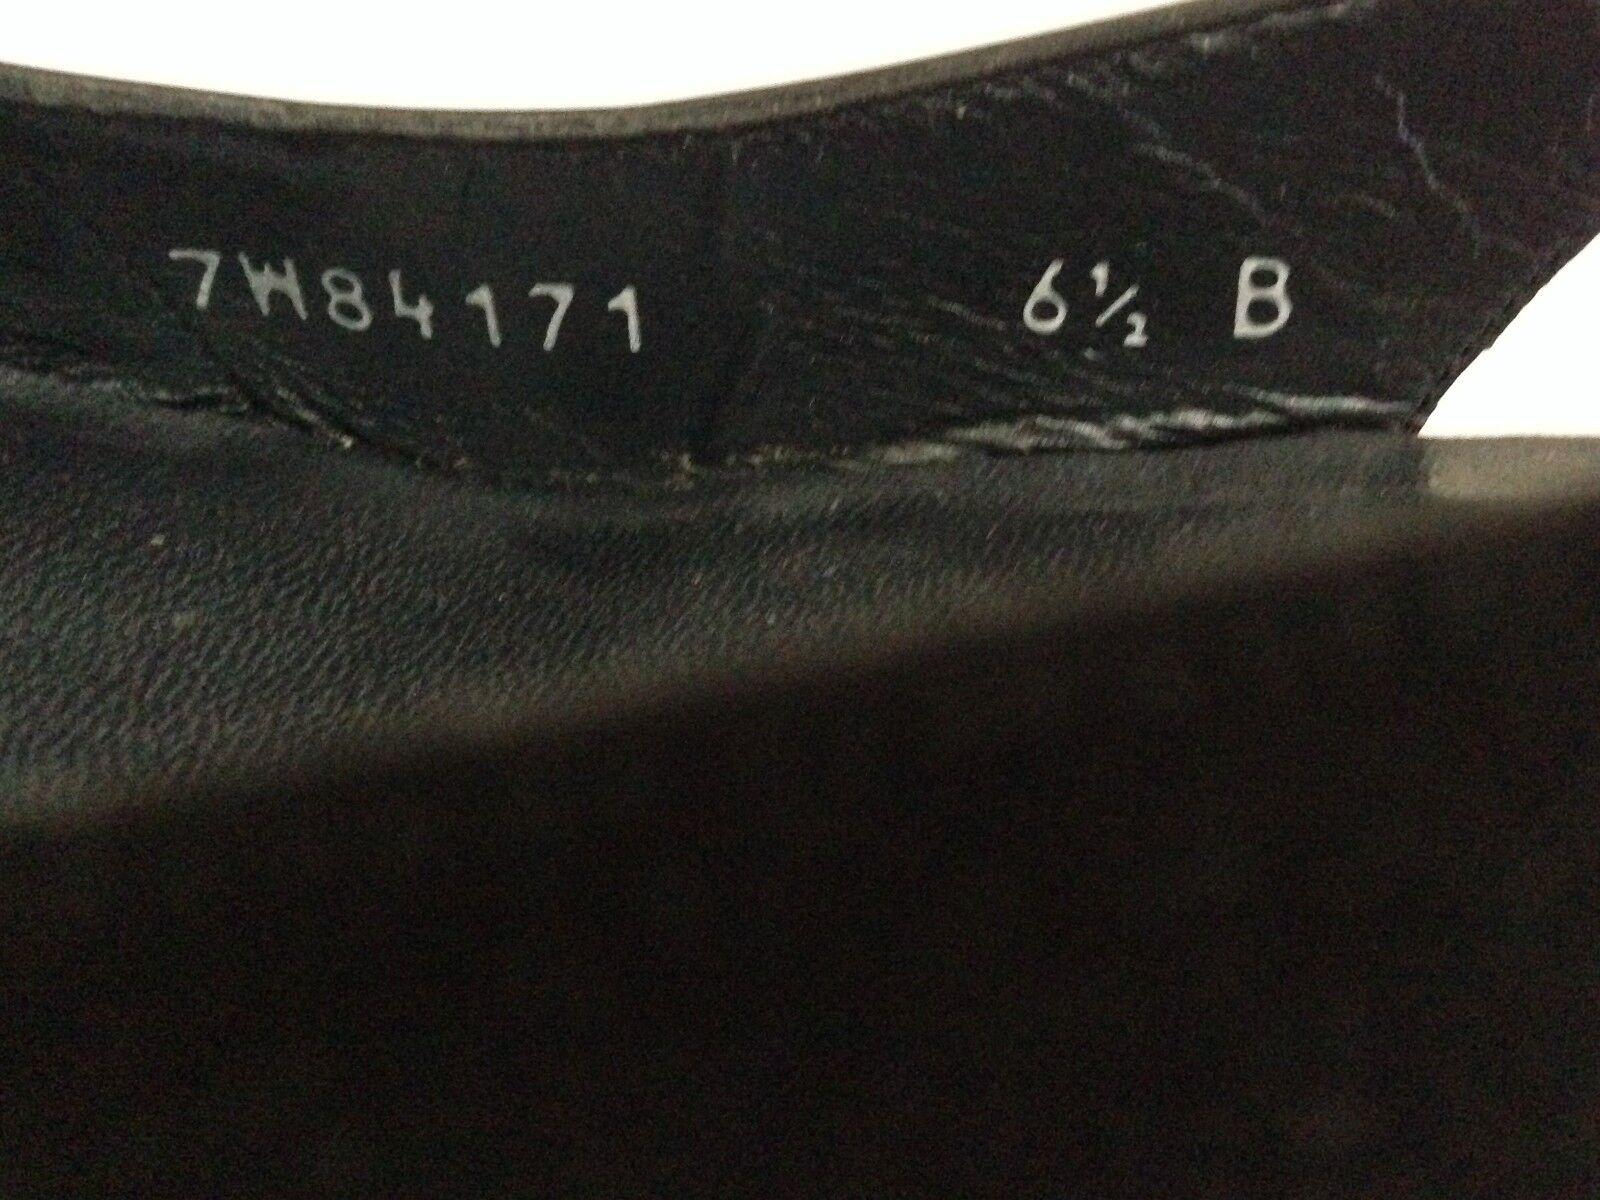 STUART WEITZMAN schwarz PATENT LEATHER POINTED TOE HEELS Größe 6.5 6.5 6.5 036b29